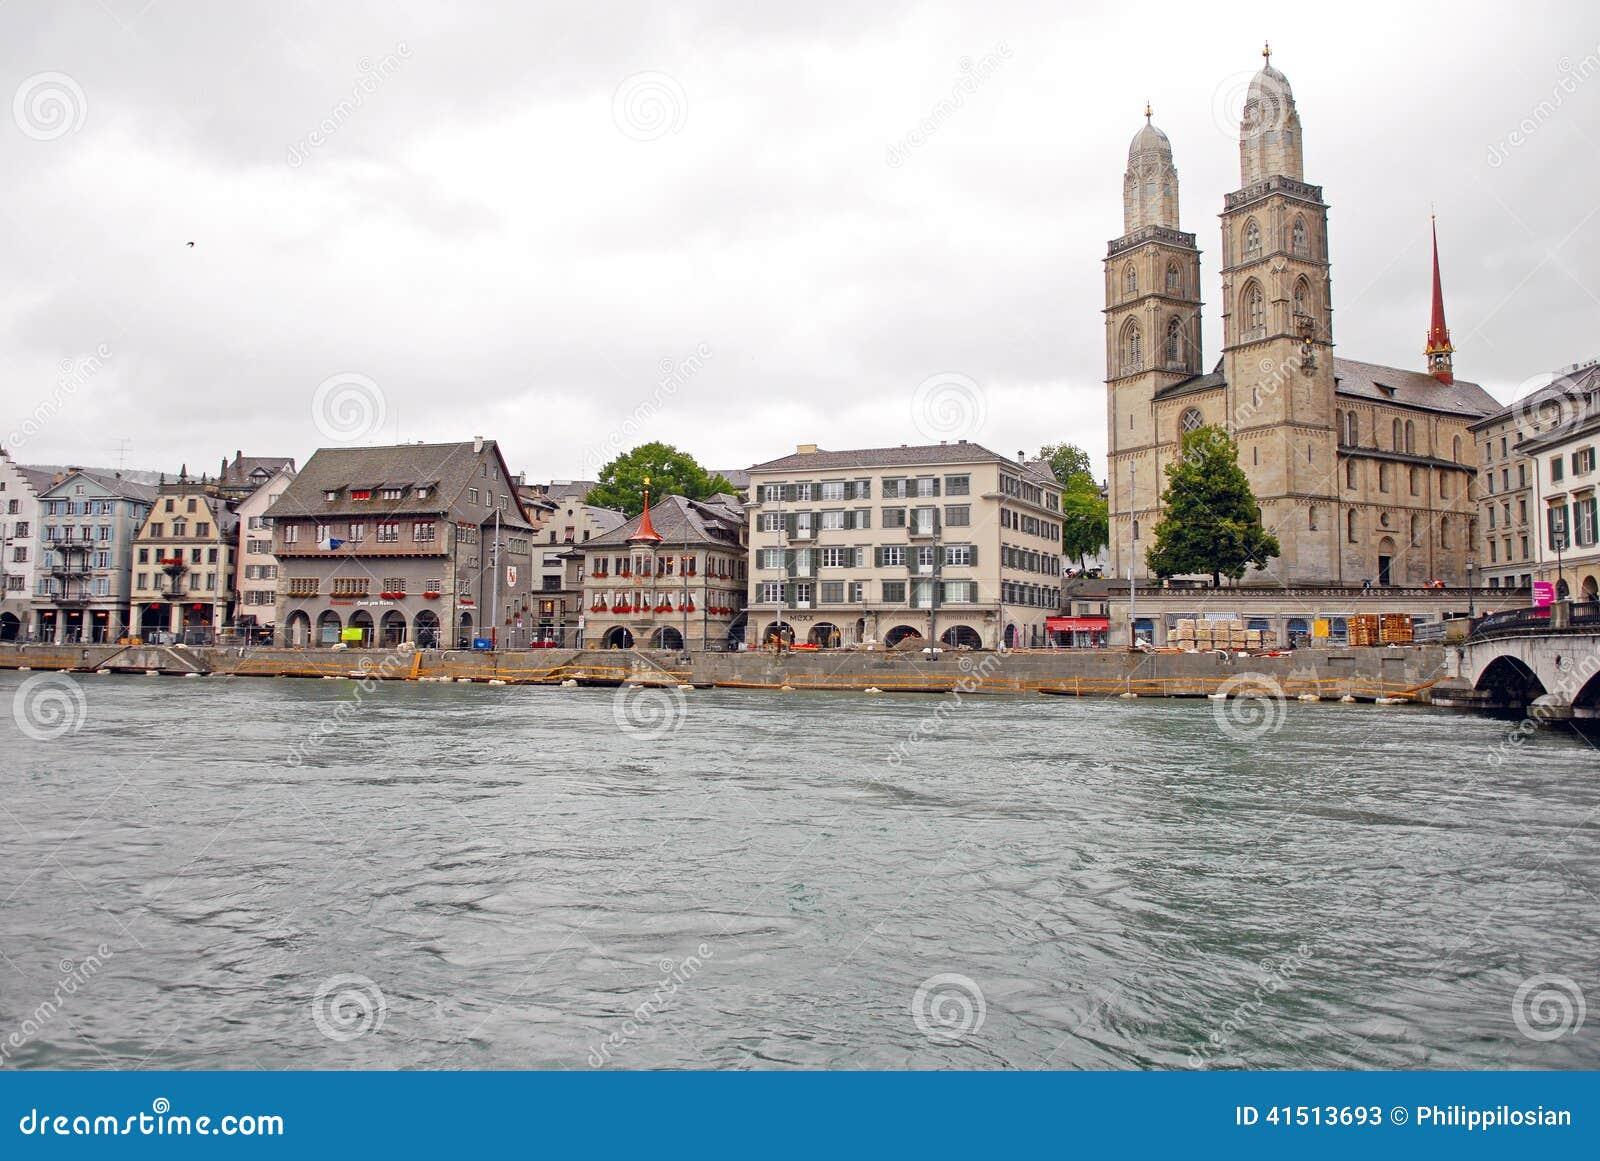 Pejzażu miejskiego widok Grossmunster kościół w Zurich, Szwajcaria